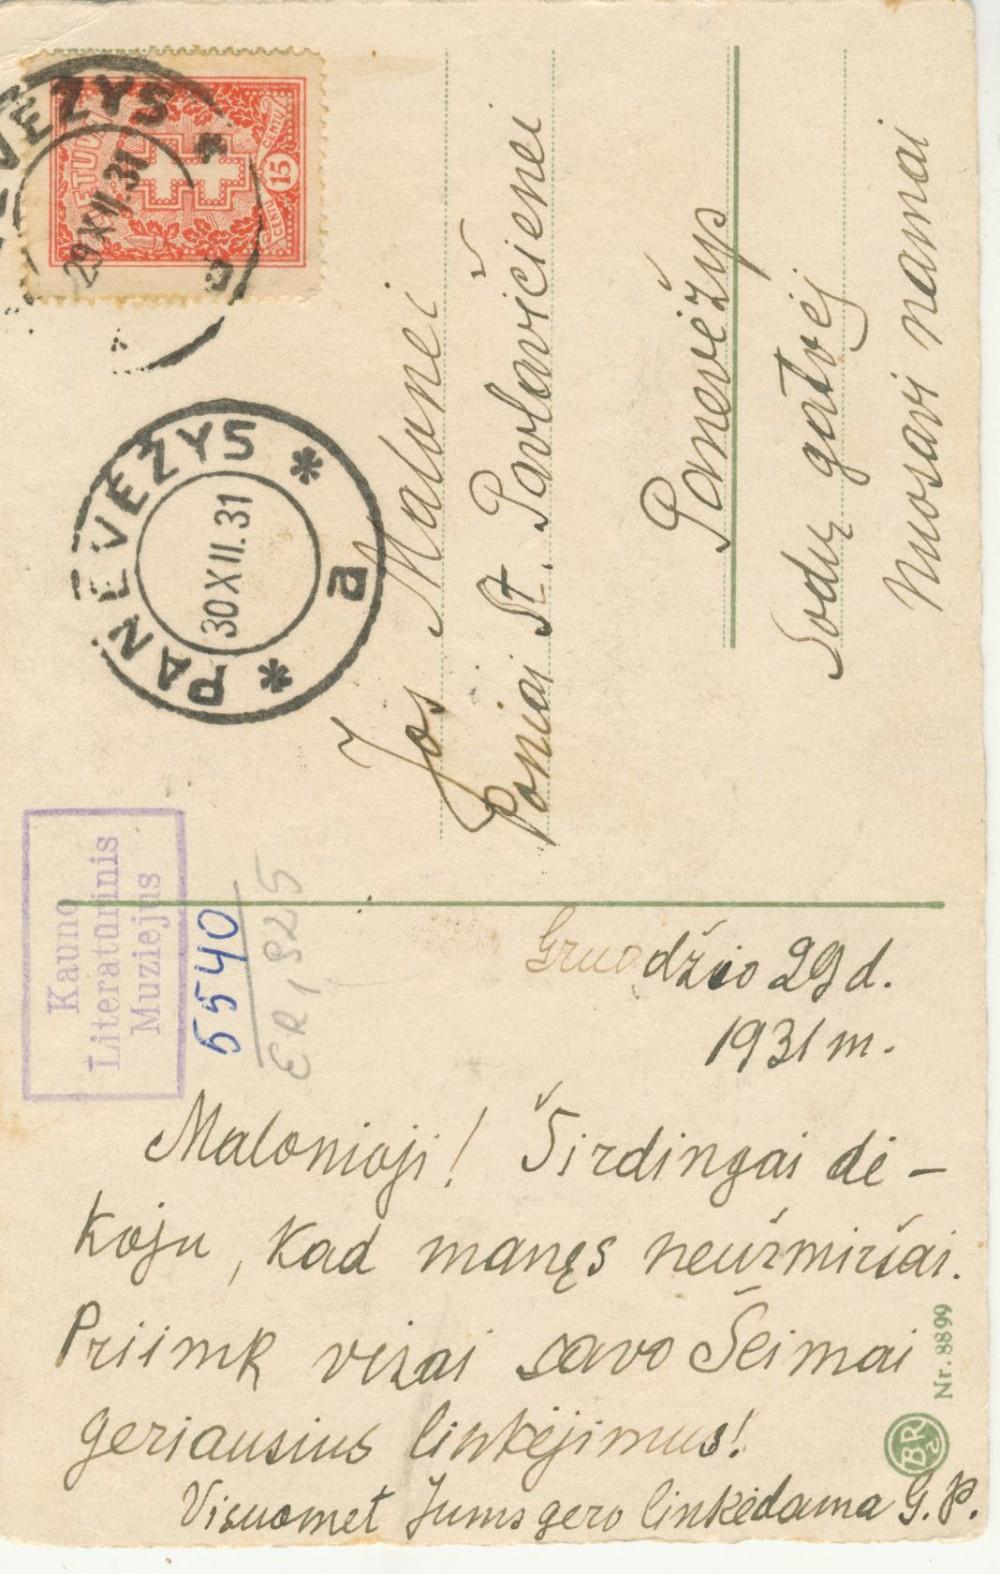 G. Petkevičaitės naujametinis sveikinimo atvirukas S. Pavlavičienei. Panevėžys. 1931 m. gruodžio 19 d.